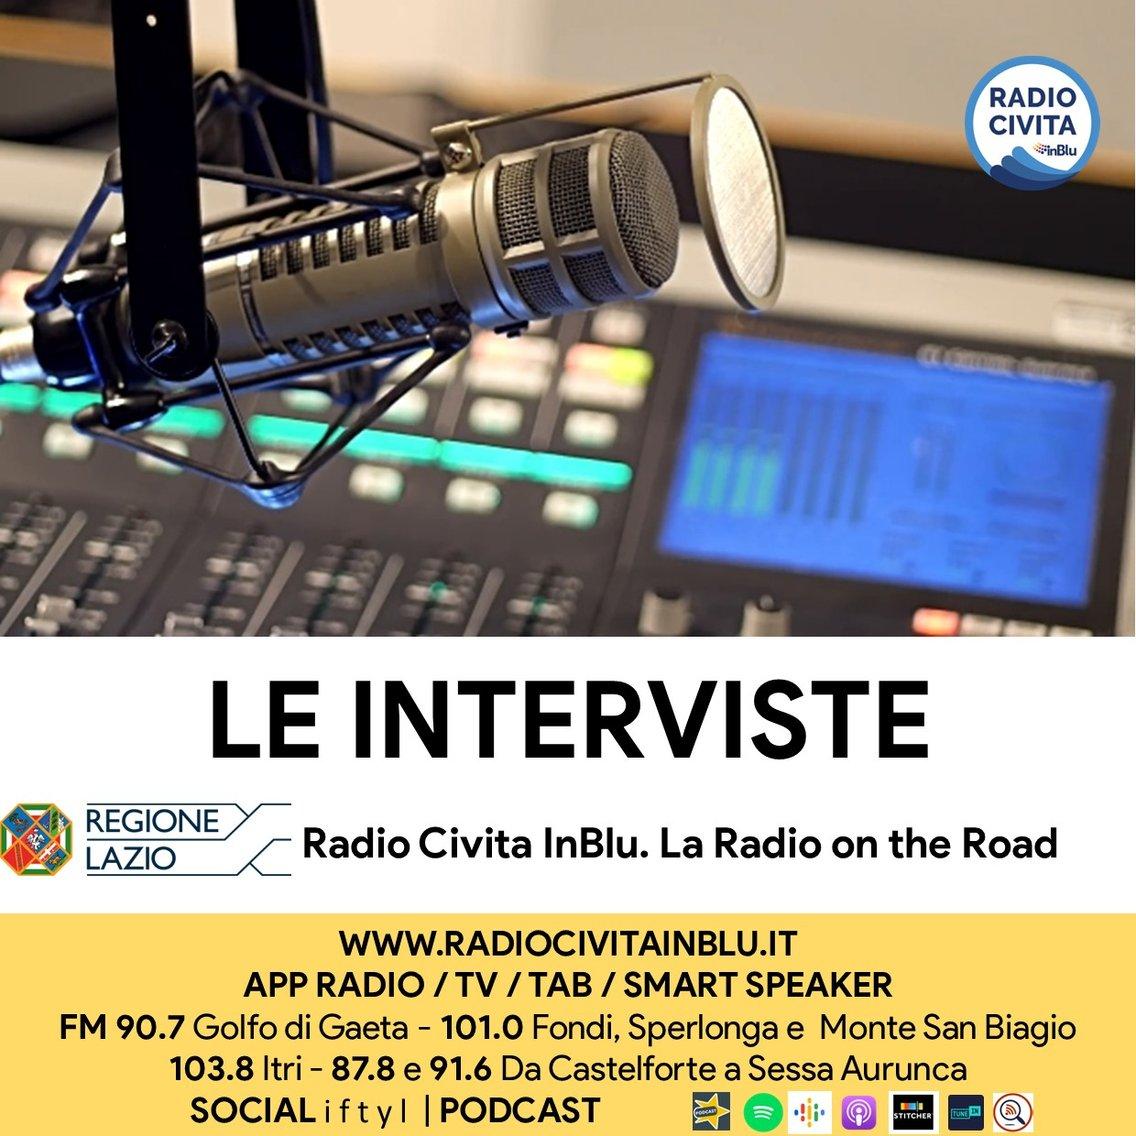 Interviste di Radio Civita InBlu - Cover Image